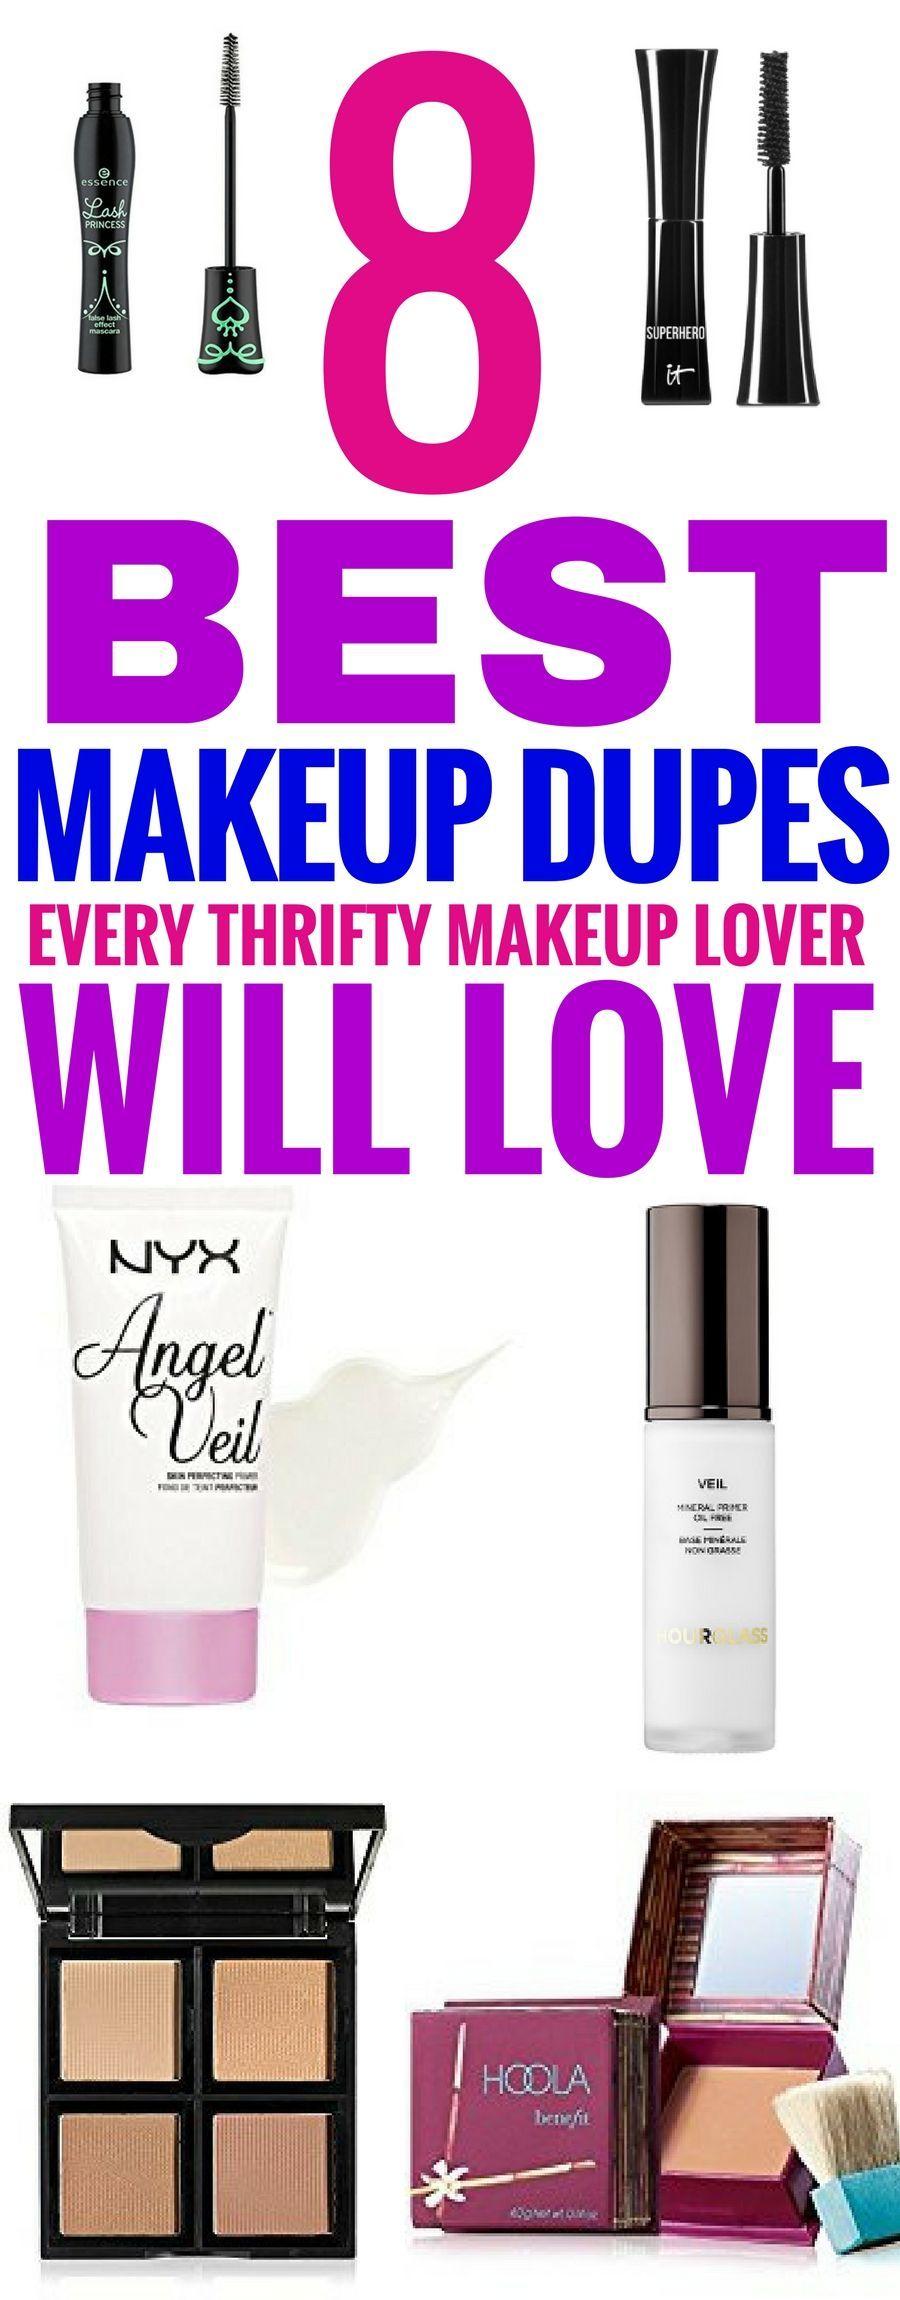 Photo of Beste Make-up-Dupes für Leute, die spen wollen